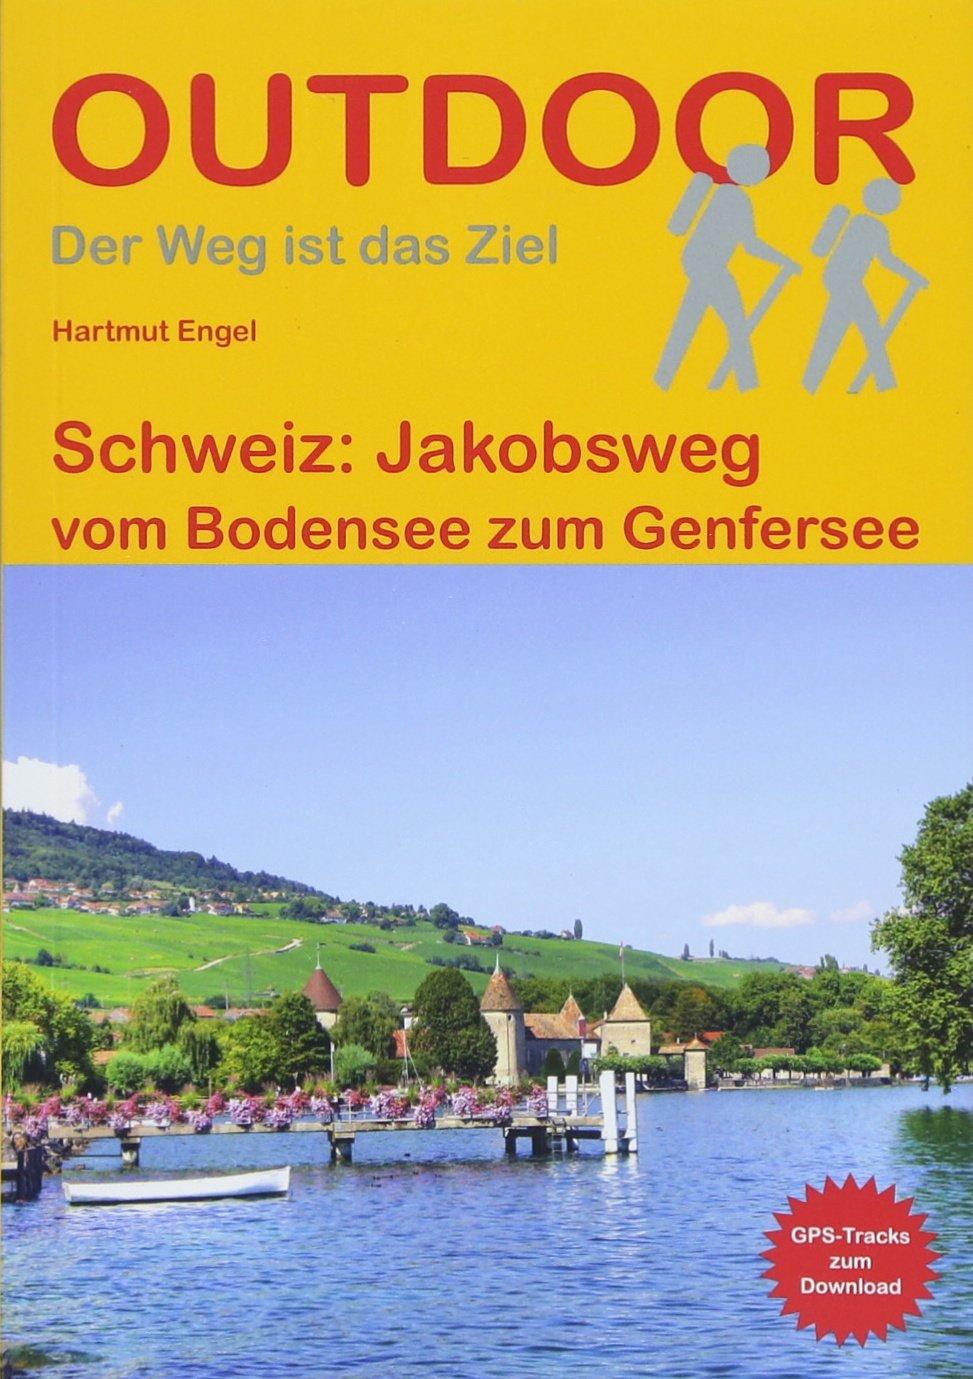 schweiz-jakobsweg-vom-bodensee-zum-genfersee-der-weg-ist-das-ziel